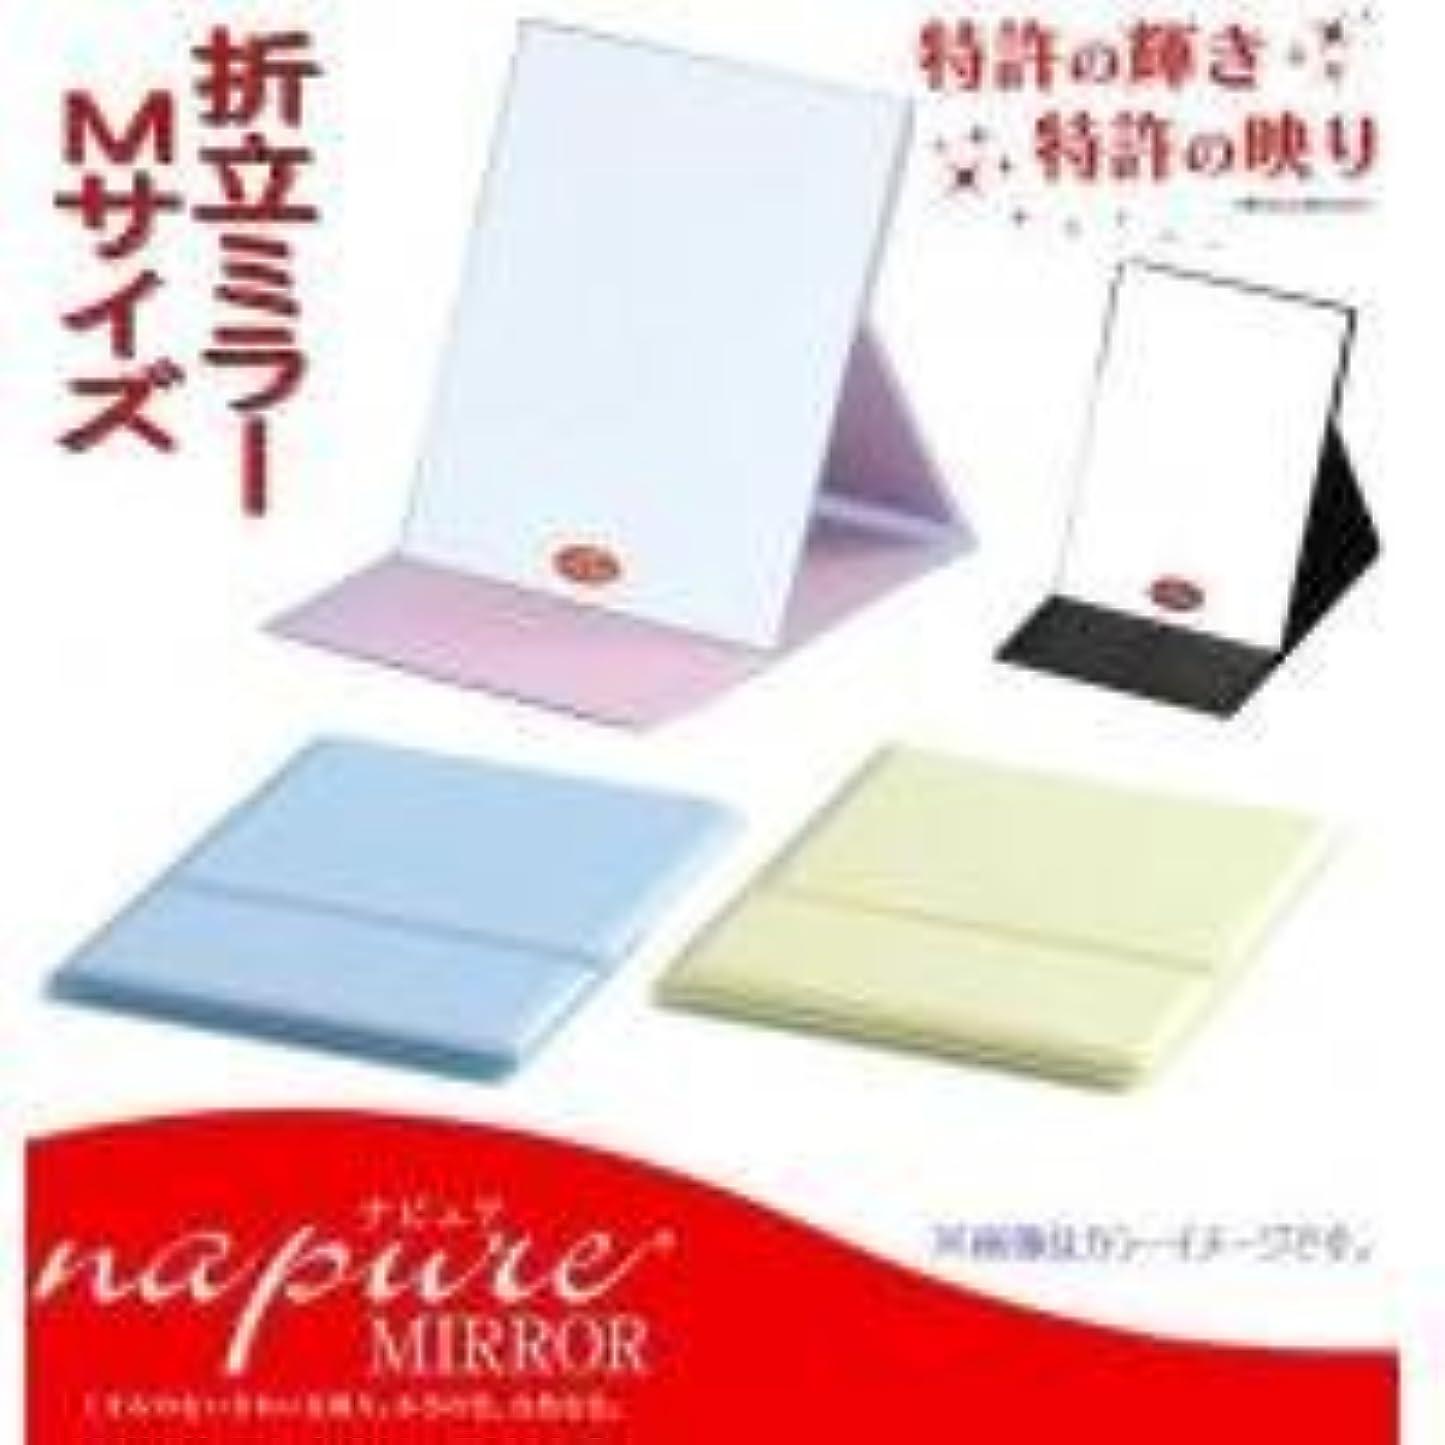 バケツシャベル分類ナピュア プロモデル カラーバージョン折立ミラー M ブルー